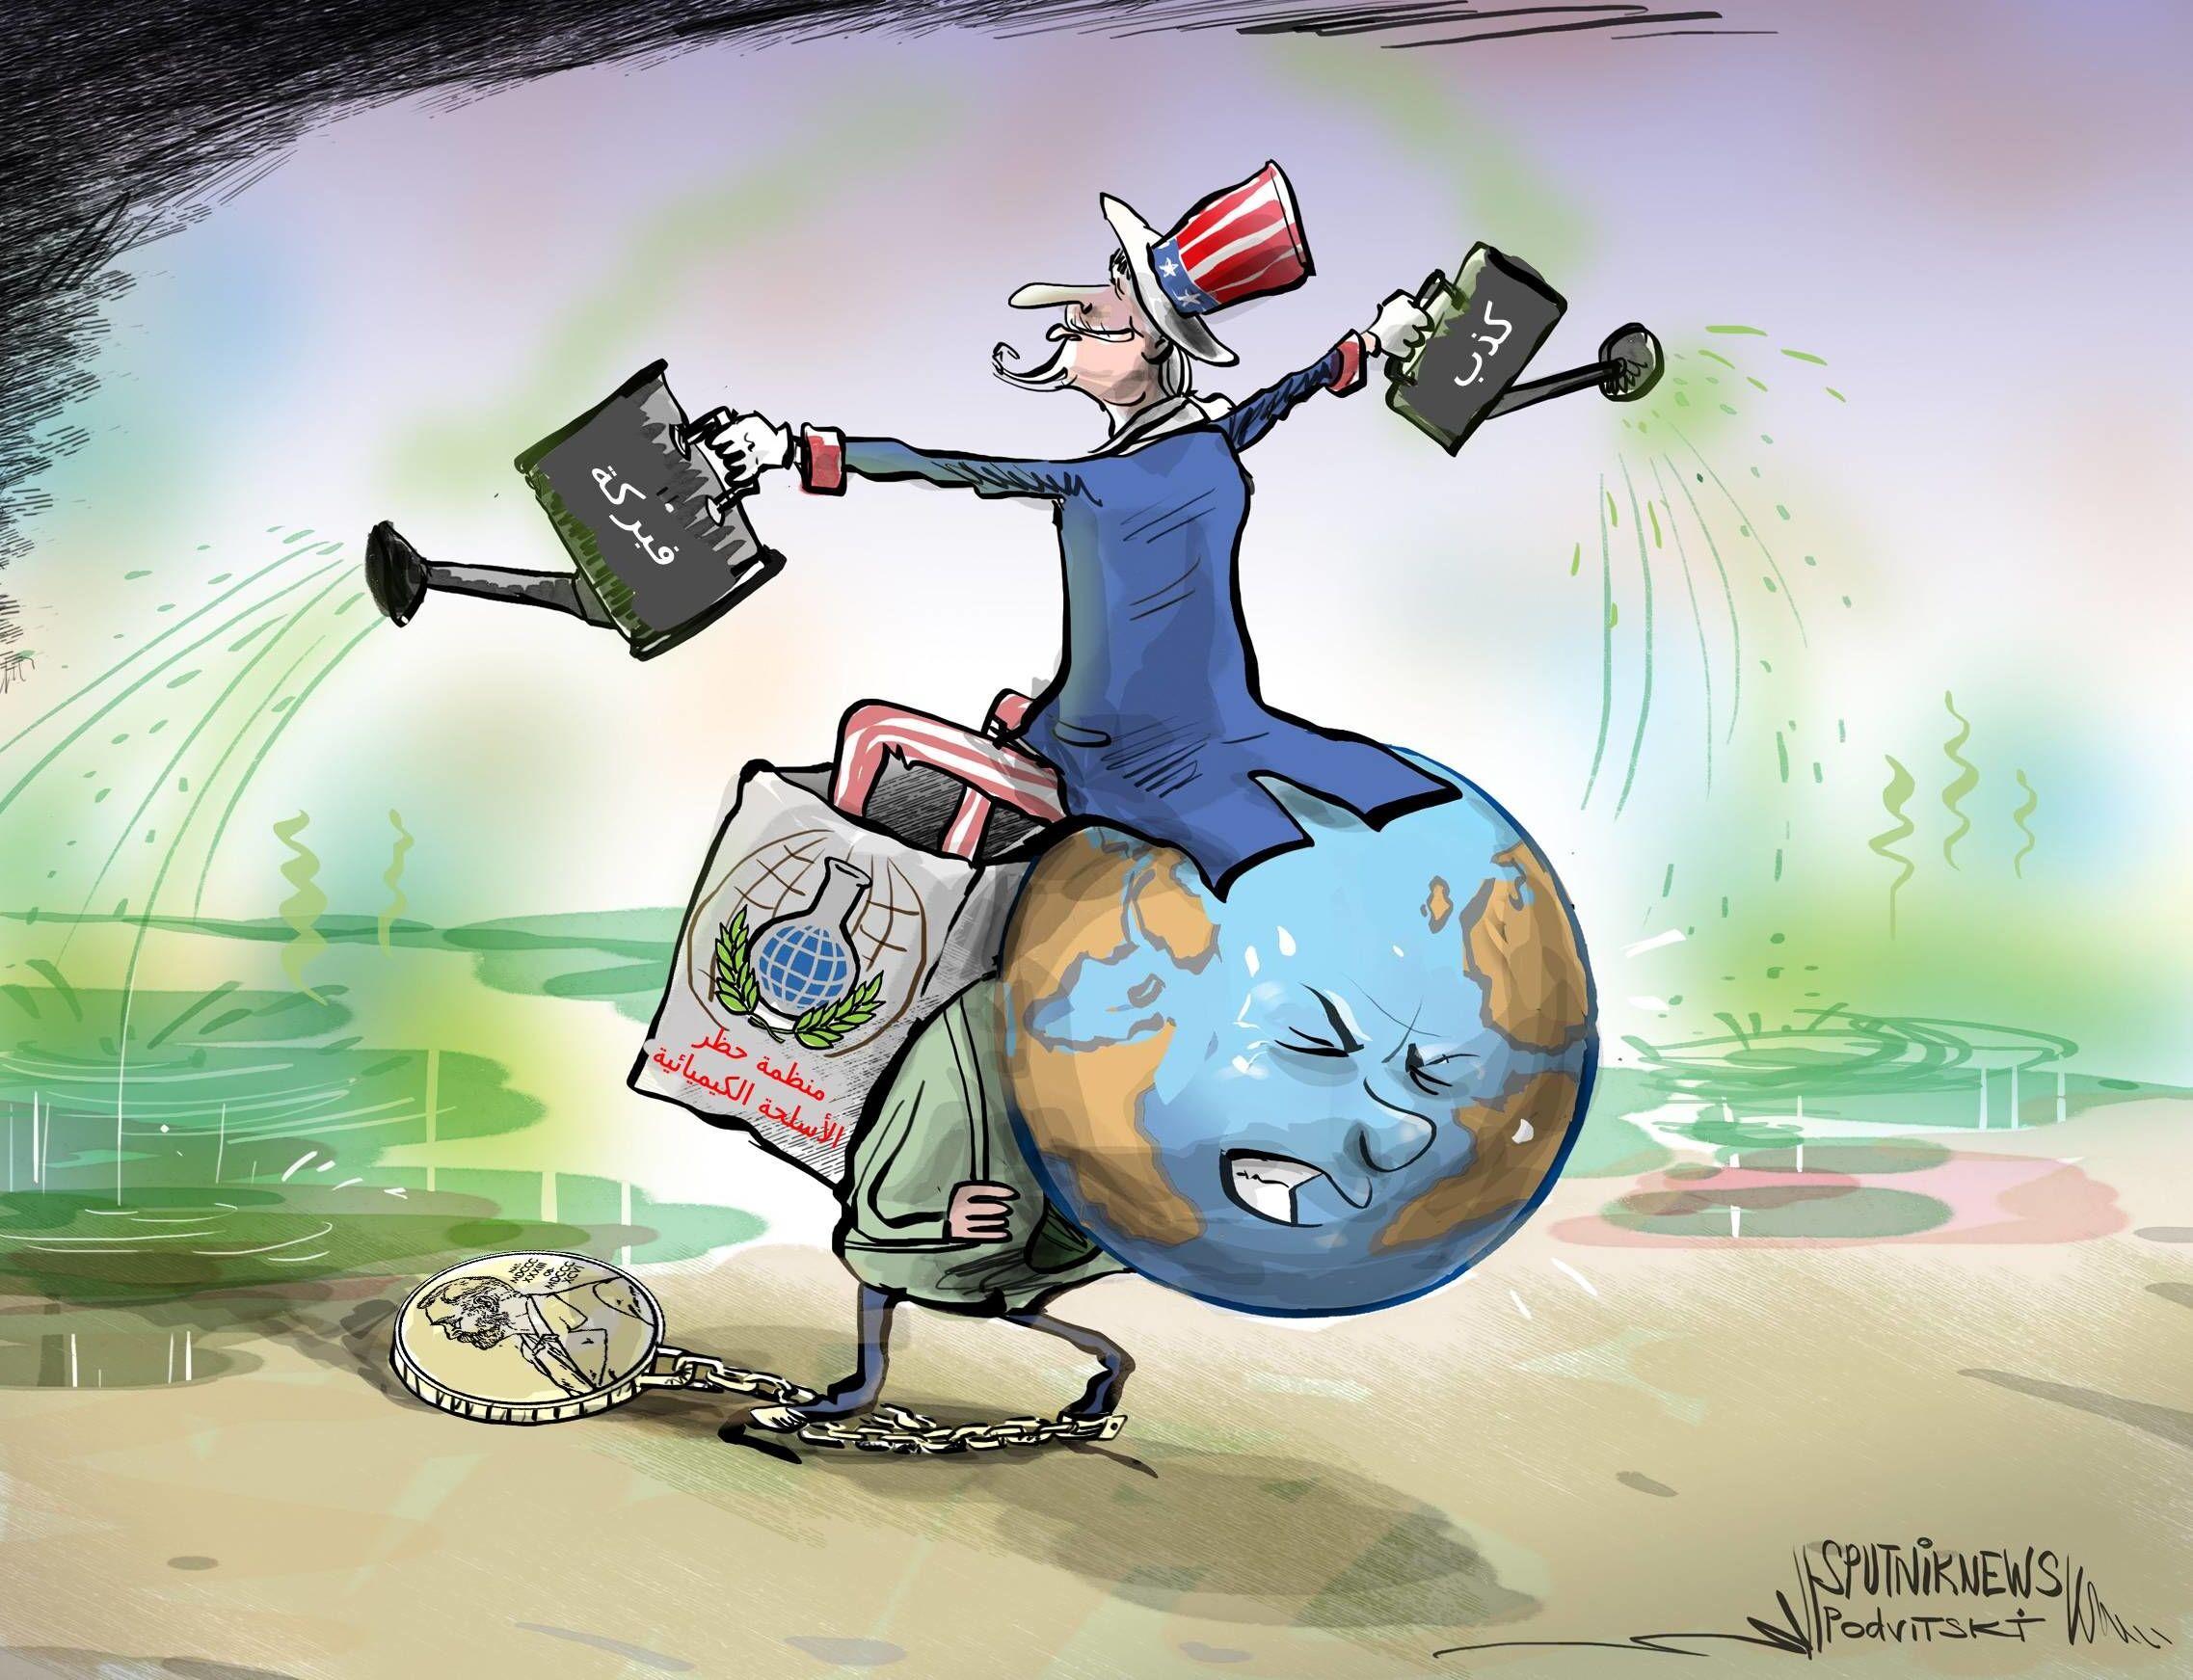 منظمة حظر الأسلحة الكيميائية أصبحت أداة لتشويه سمعة الدول التي يعارضها الغرب